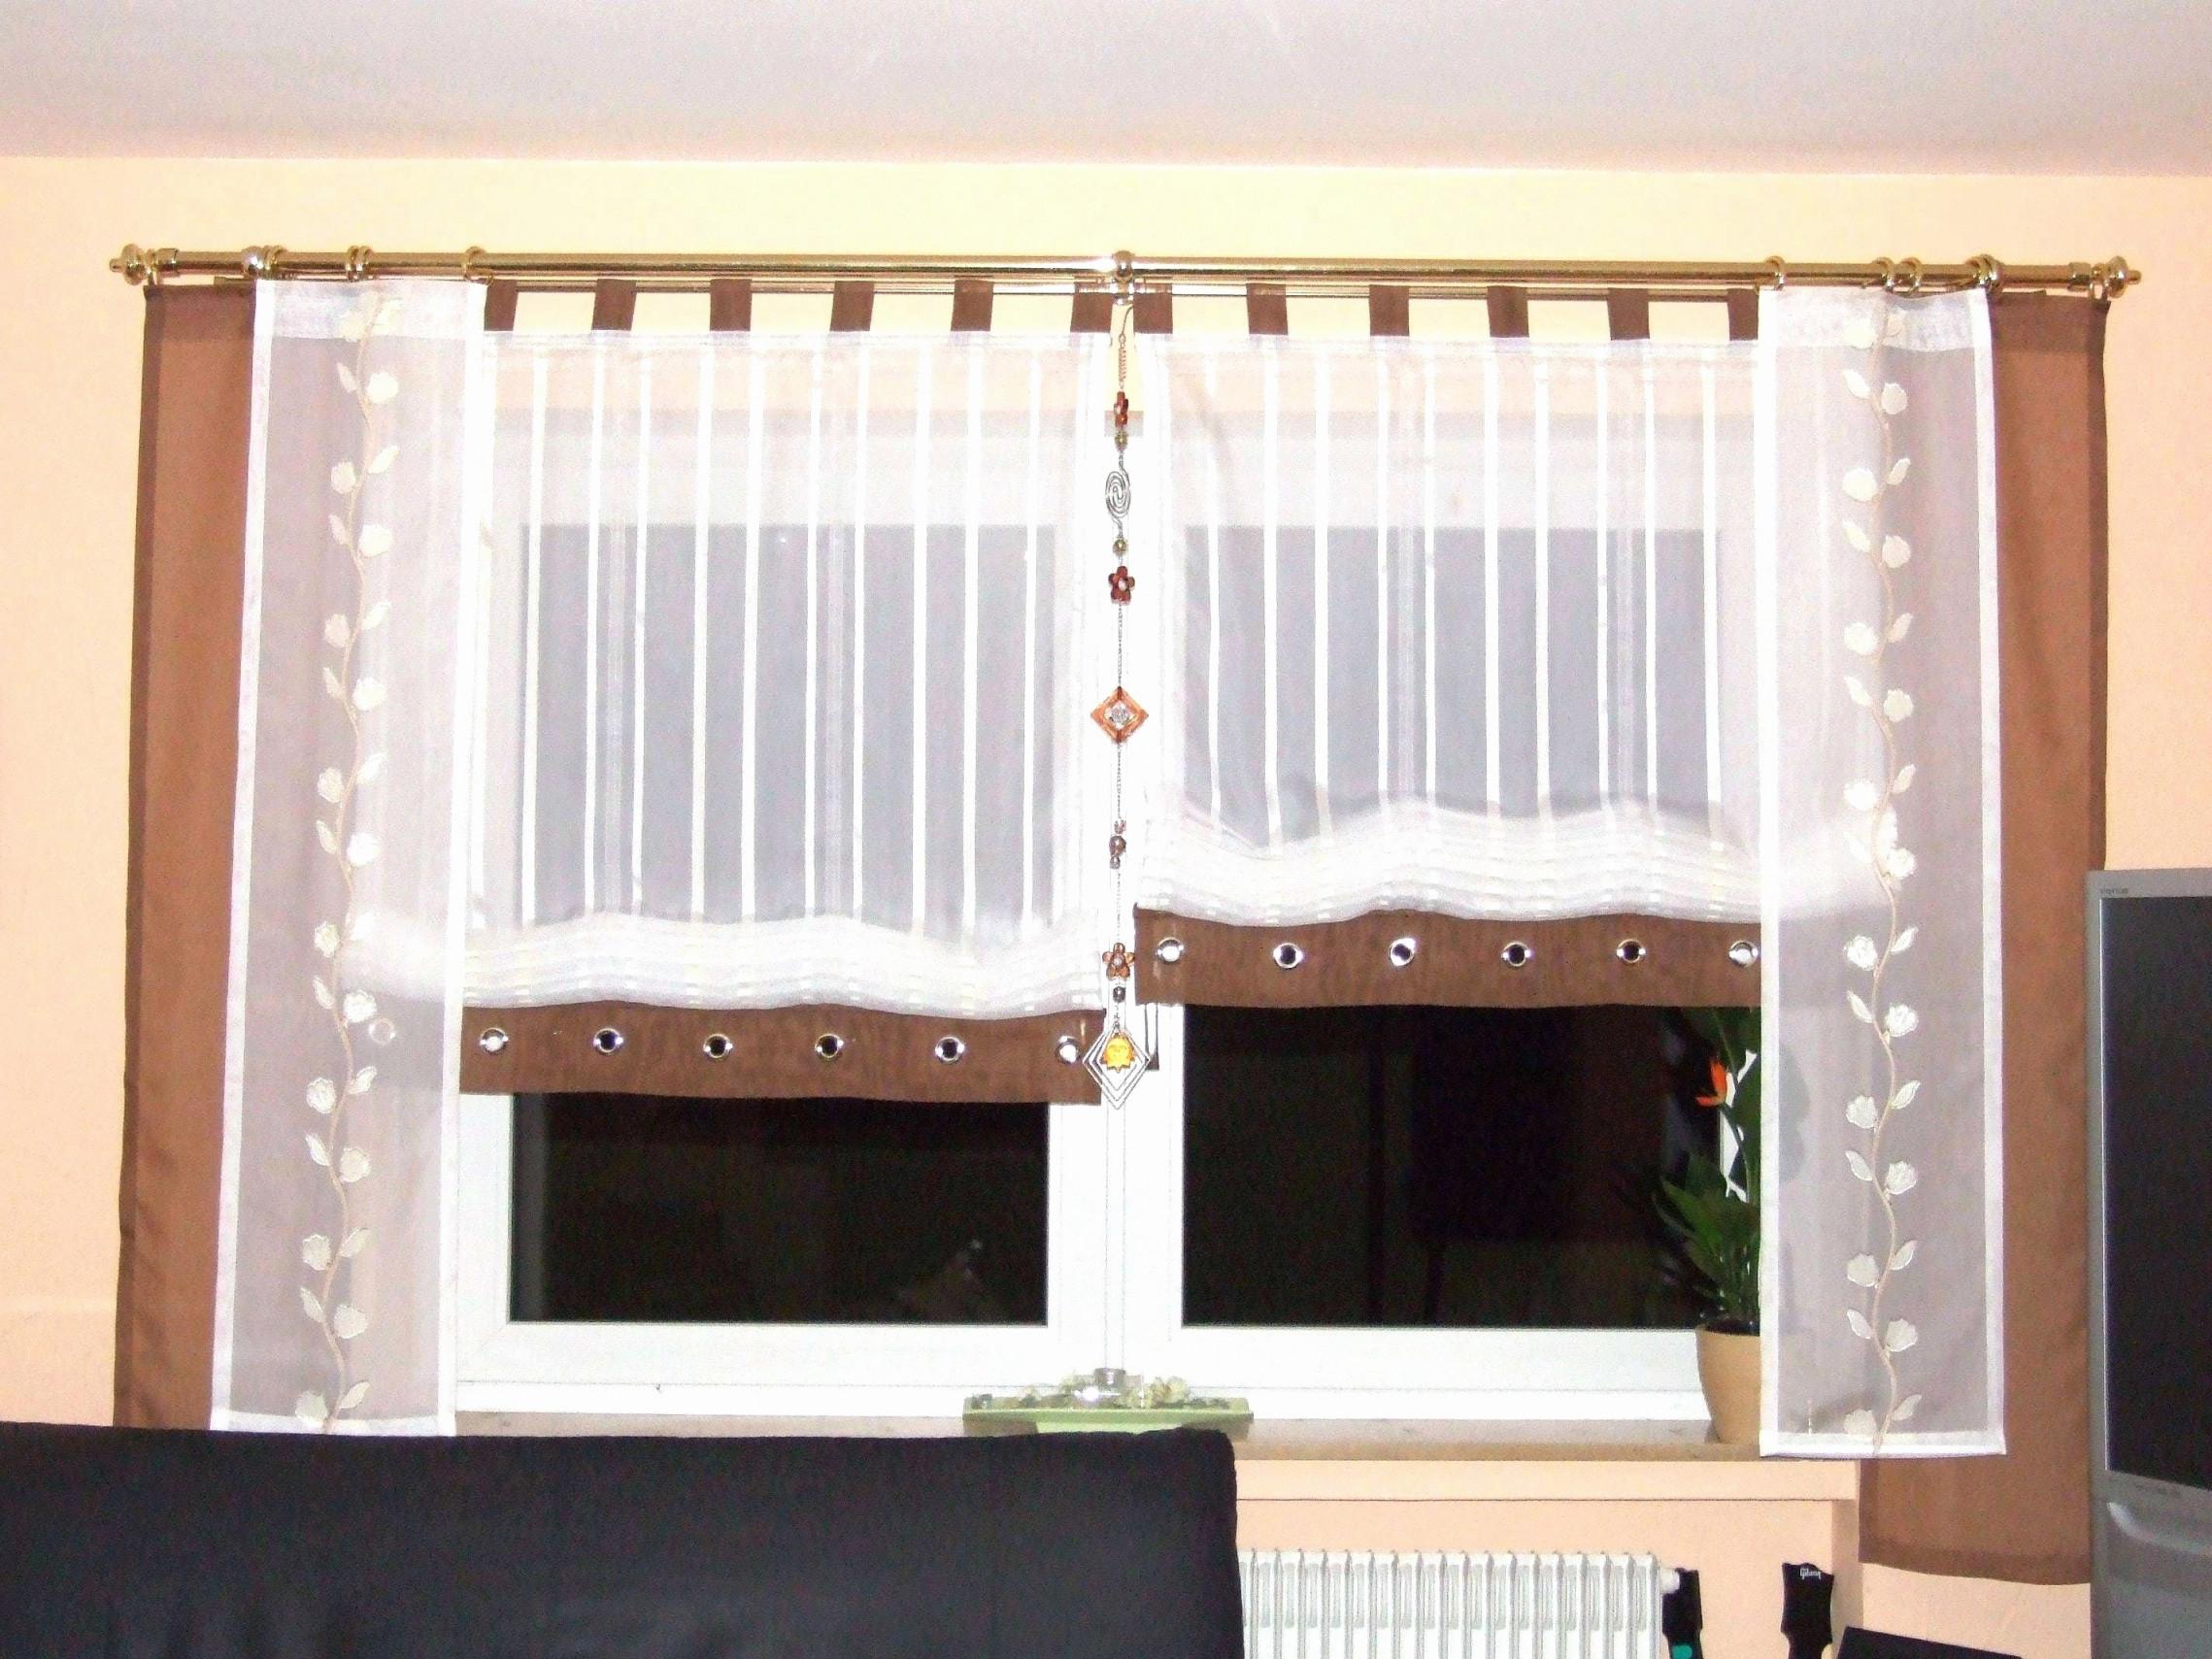 Bogen Gardinen Wohnzimmer Elegant Fertige Gardinen Für von Wohnzimmer Gardinen Mit Bogen Bild